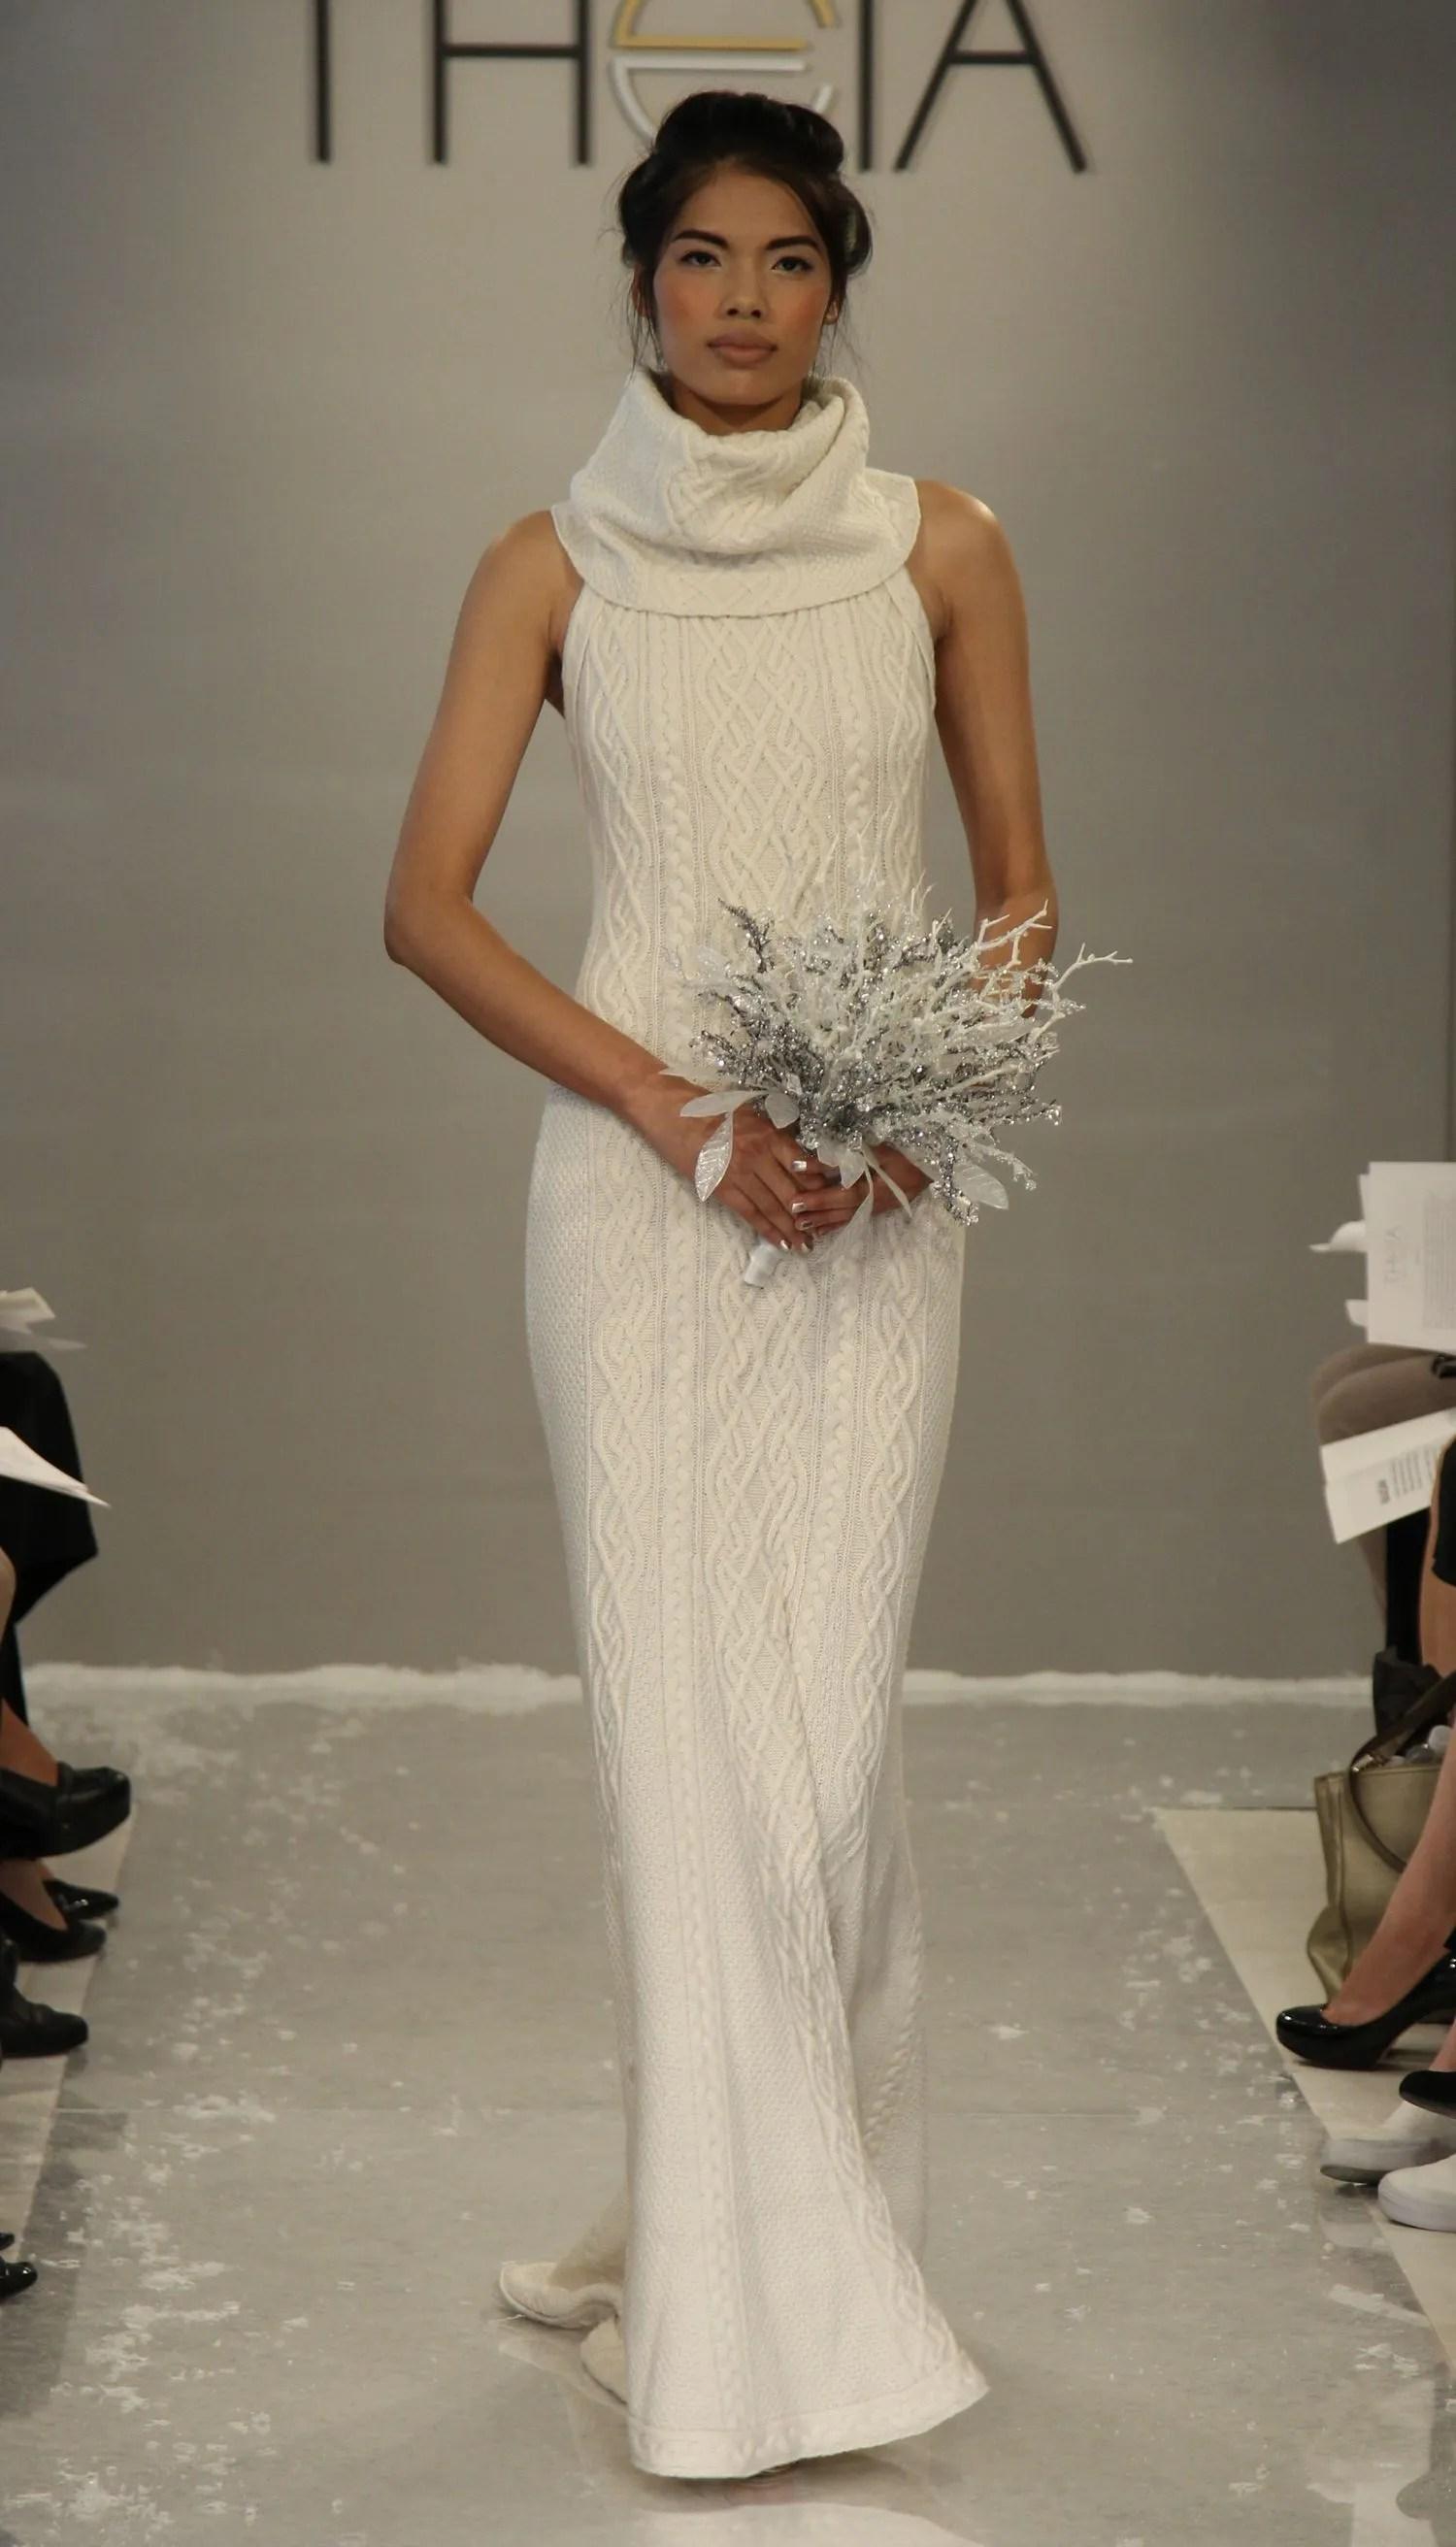 Fullsize Of Winter Wedding Dress